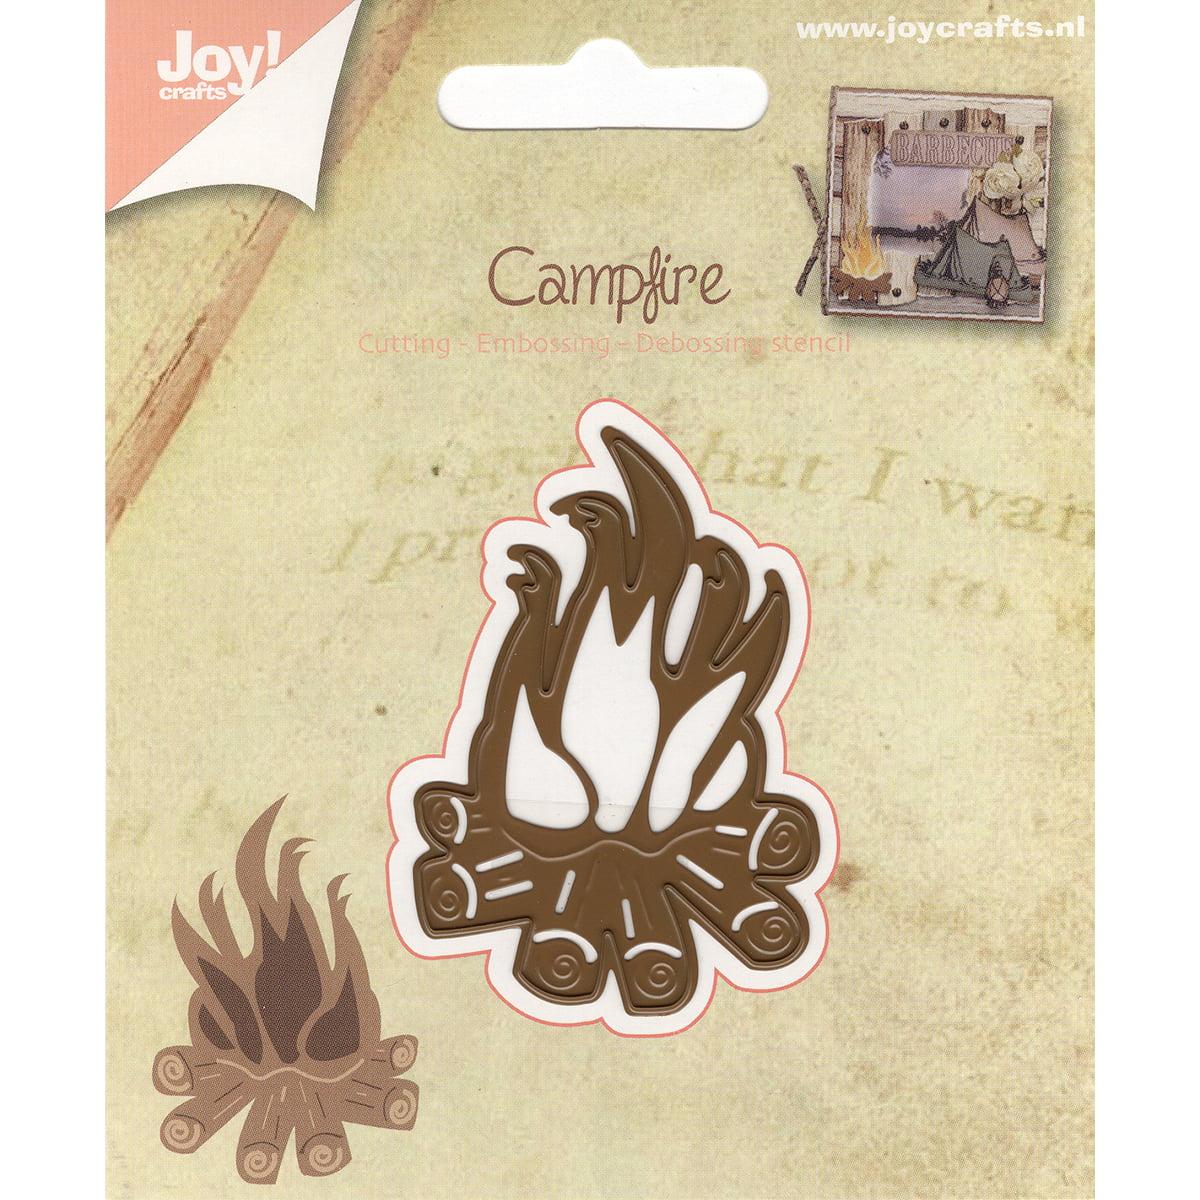 Joy! Crafts Cut, Emboss & Debossing Die-Campfire